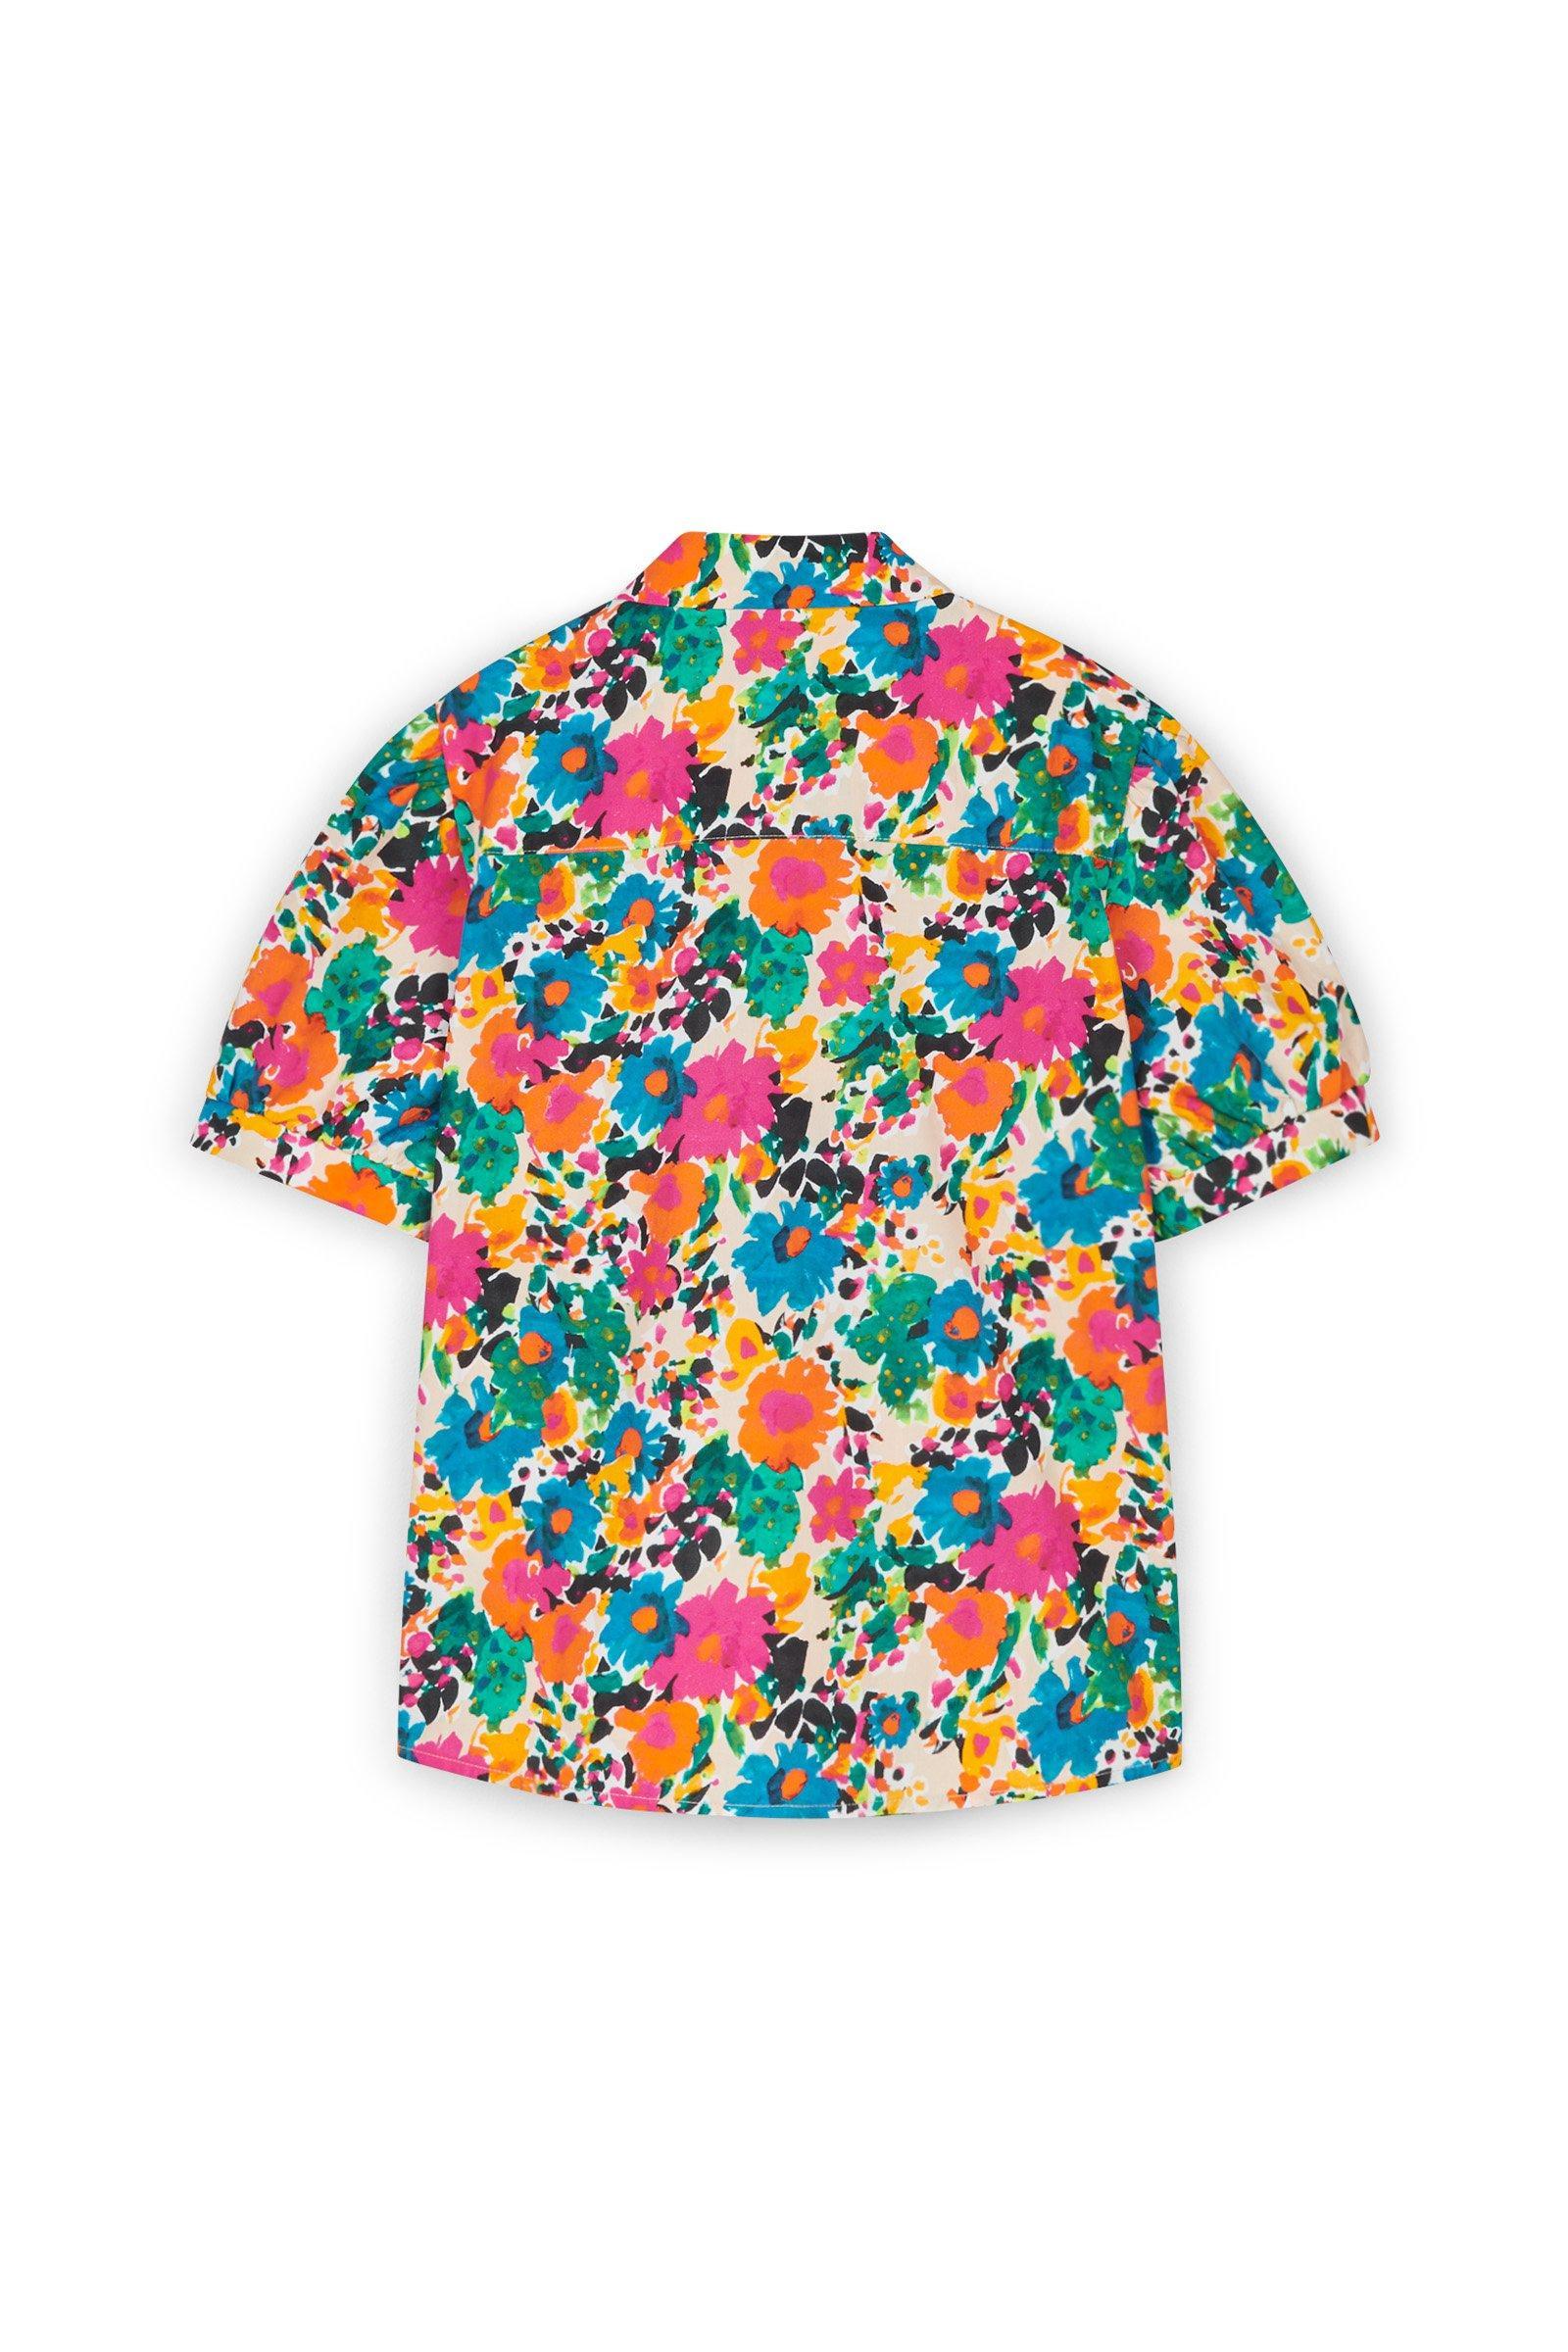 https://webmedia.cks-fashion.com/i/cks/124546ASM_100_h